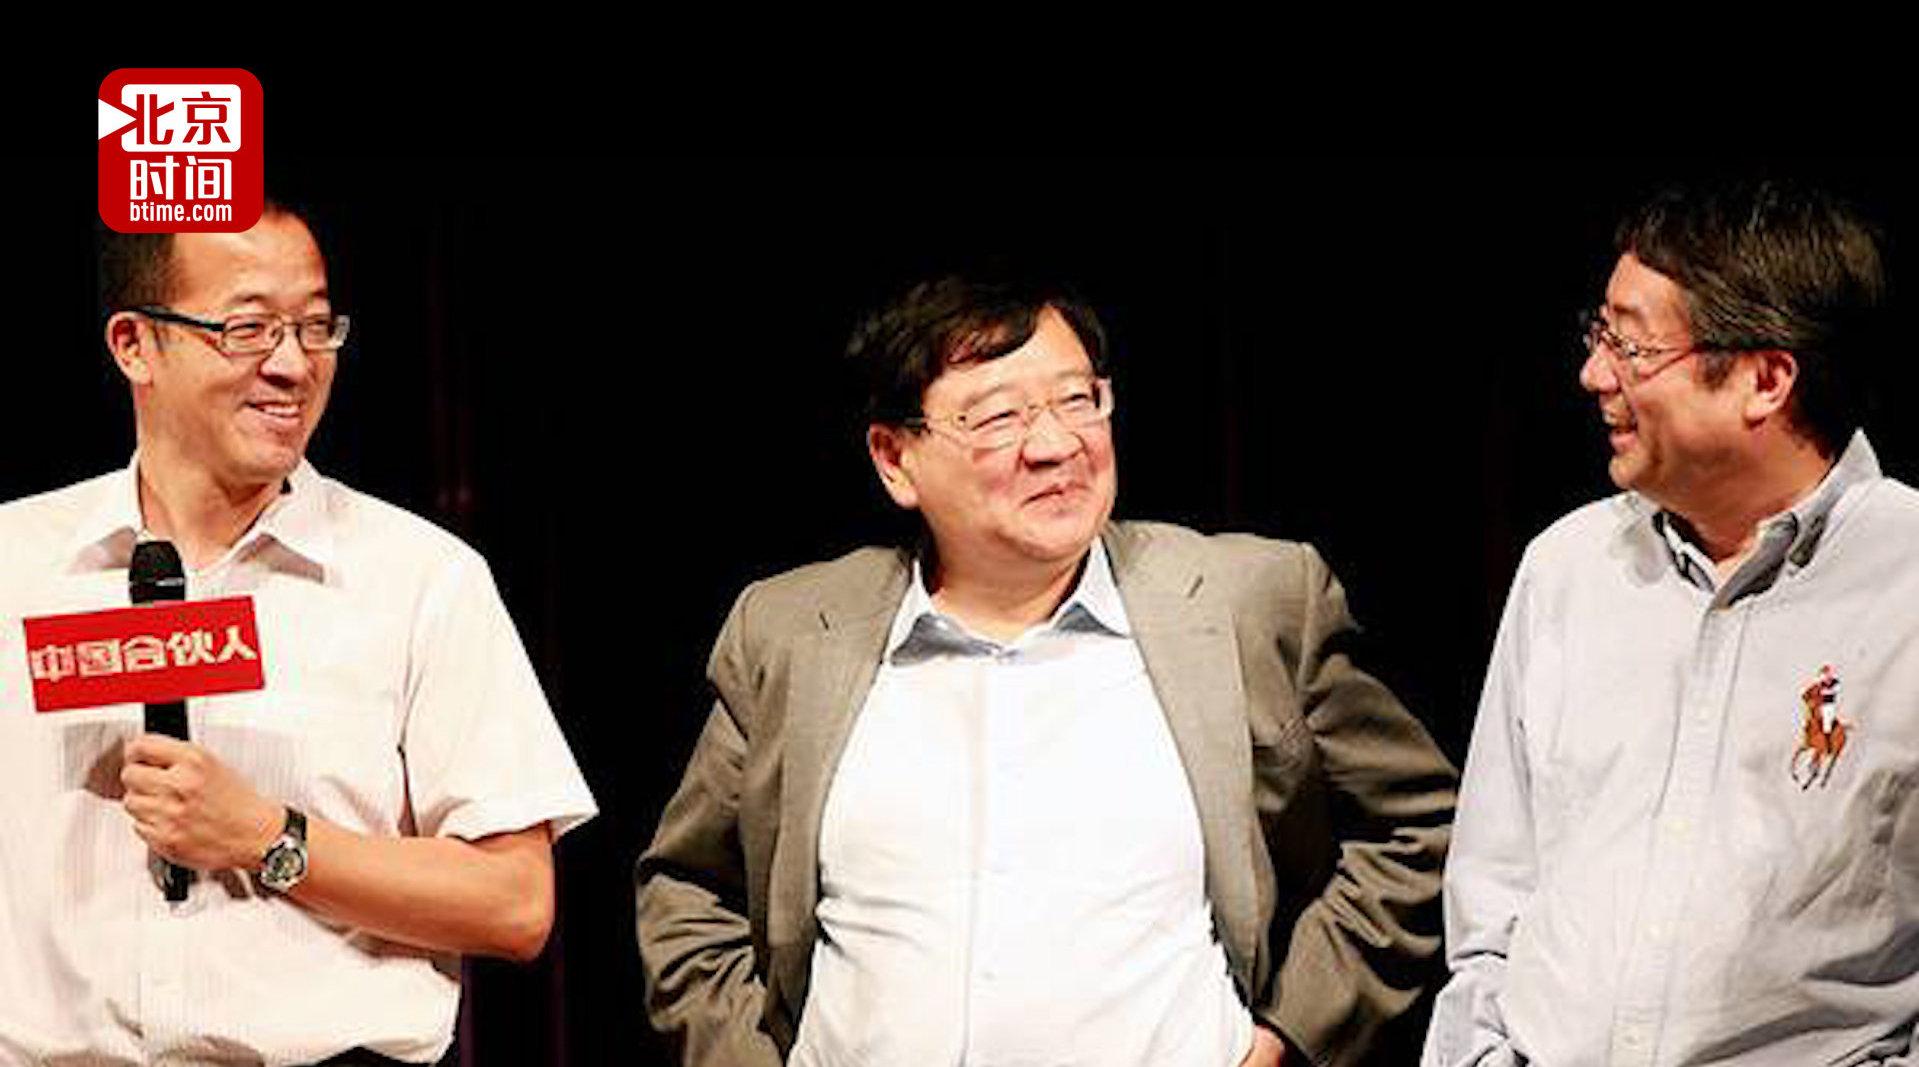 :电影是徐小平主导 他把自己打造的很完美